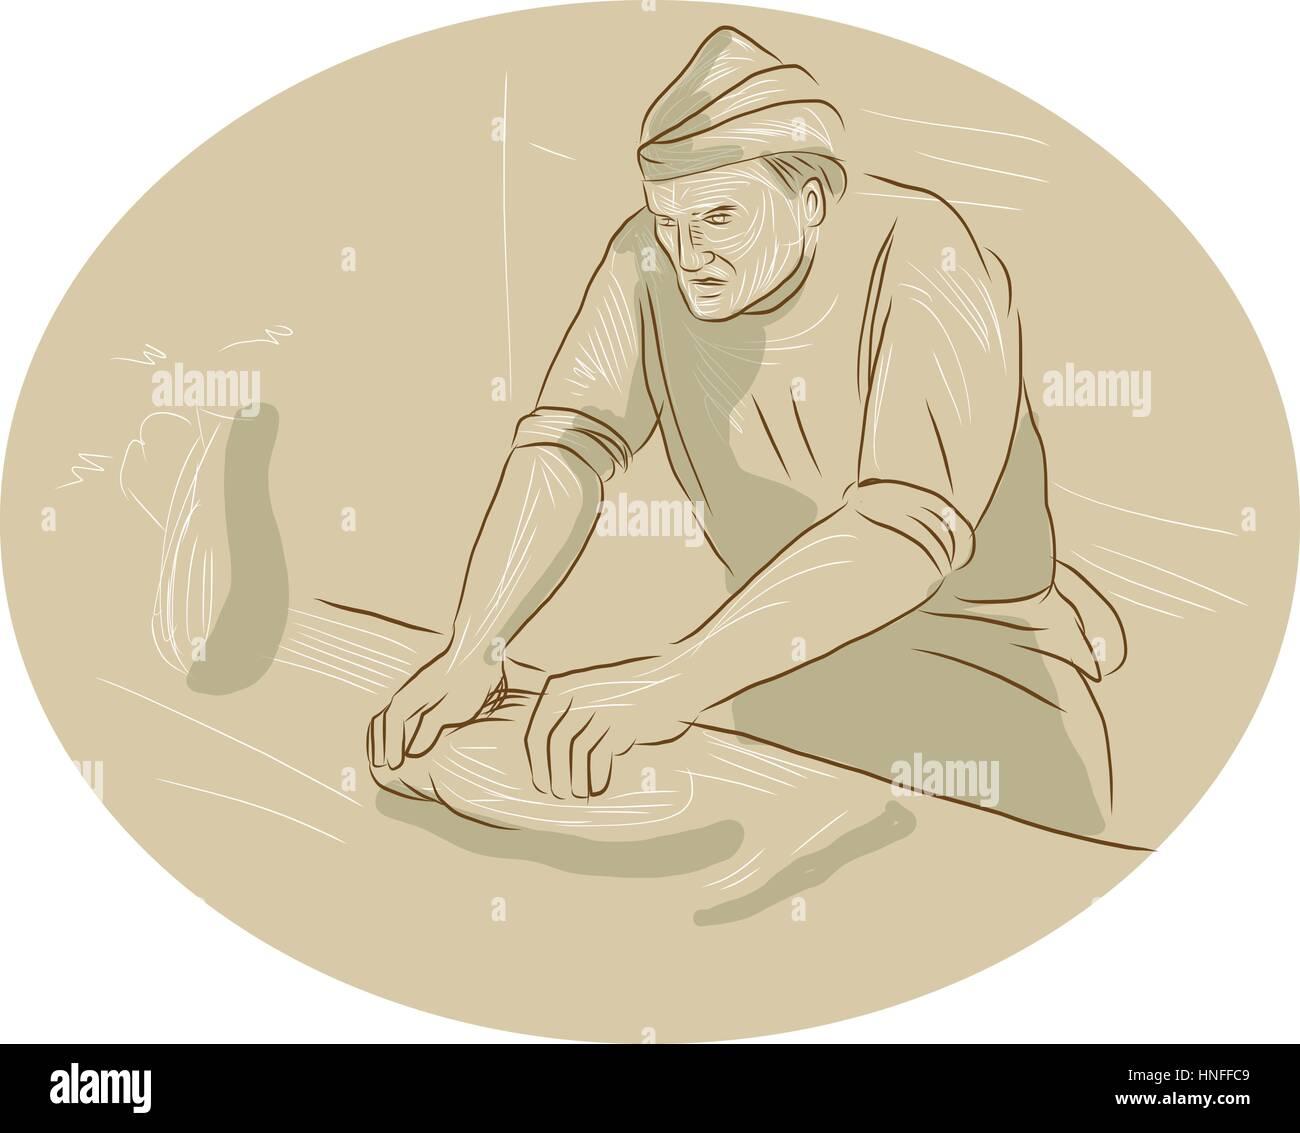 Croquis Dessin Illustration Style De Chef Cuisinier D Un Boulanger à